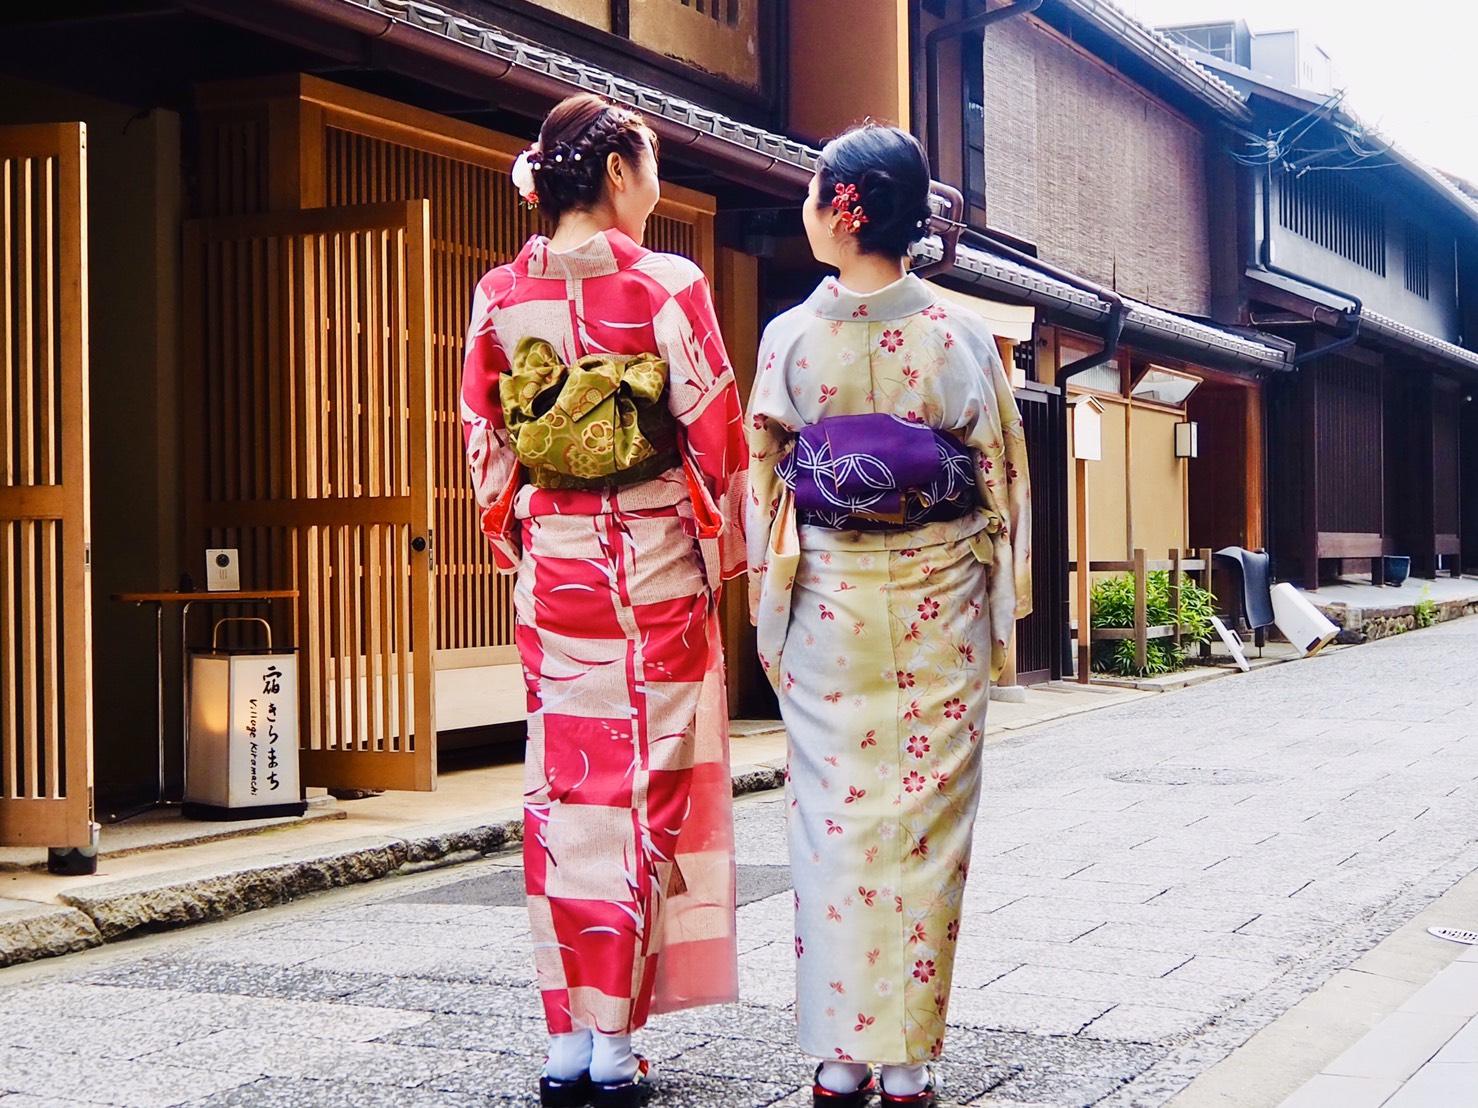 社員旅行♪京都で着物レンタル2019年10月22日1